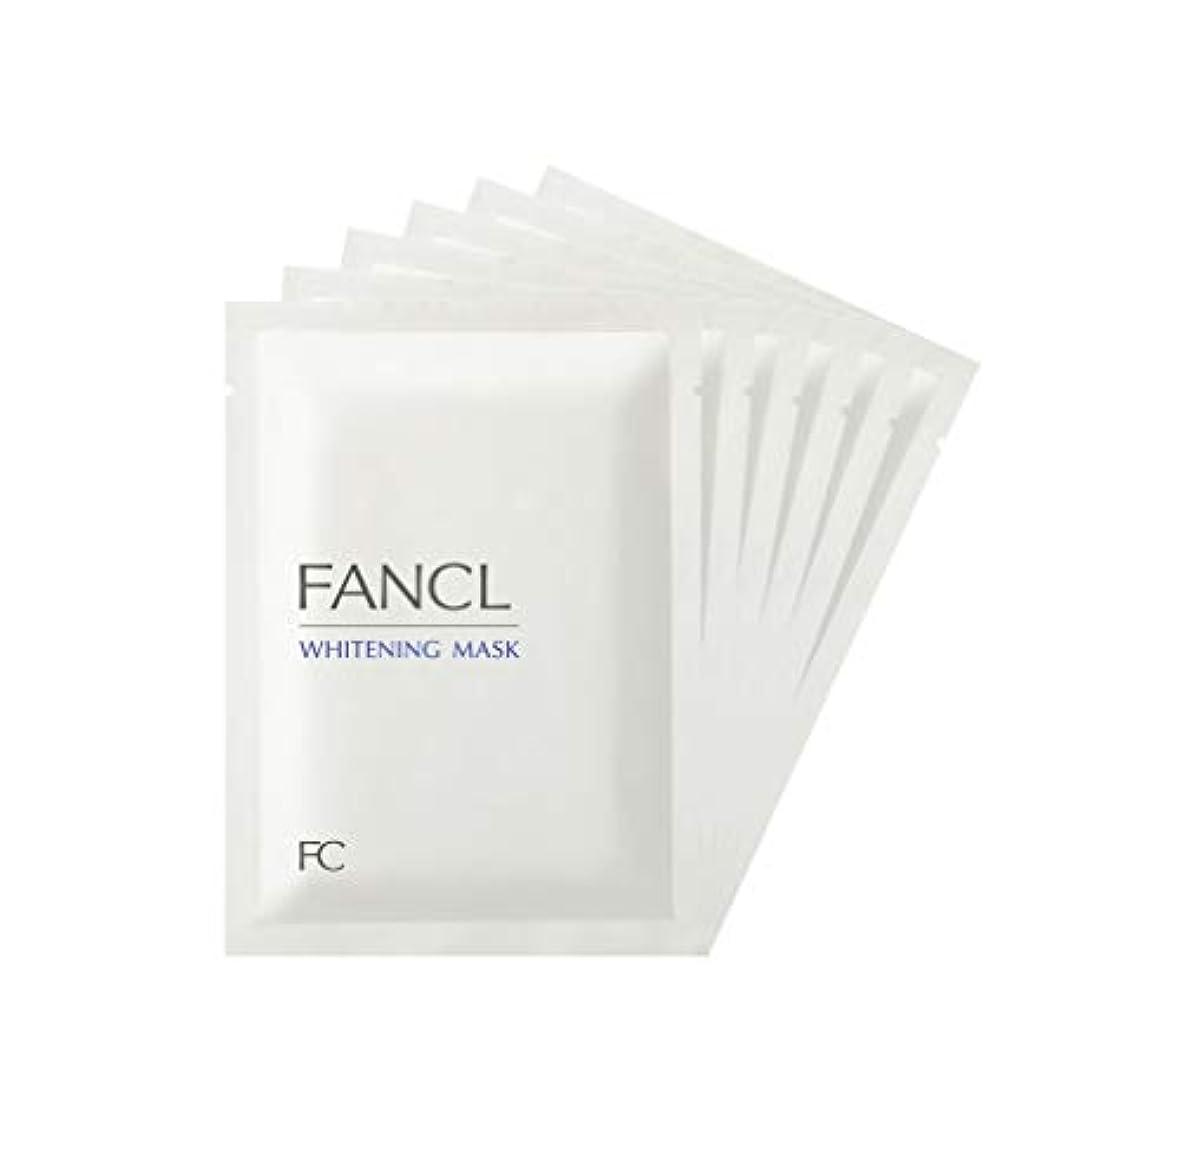 恩赦失礼な作成者ファンケル (FANCL) 新 ホワイトニング マスク 6枚セット (21mL×6) 【医薬部外品】